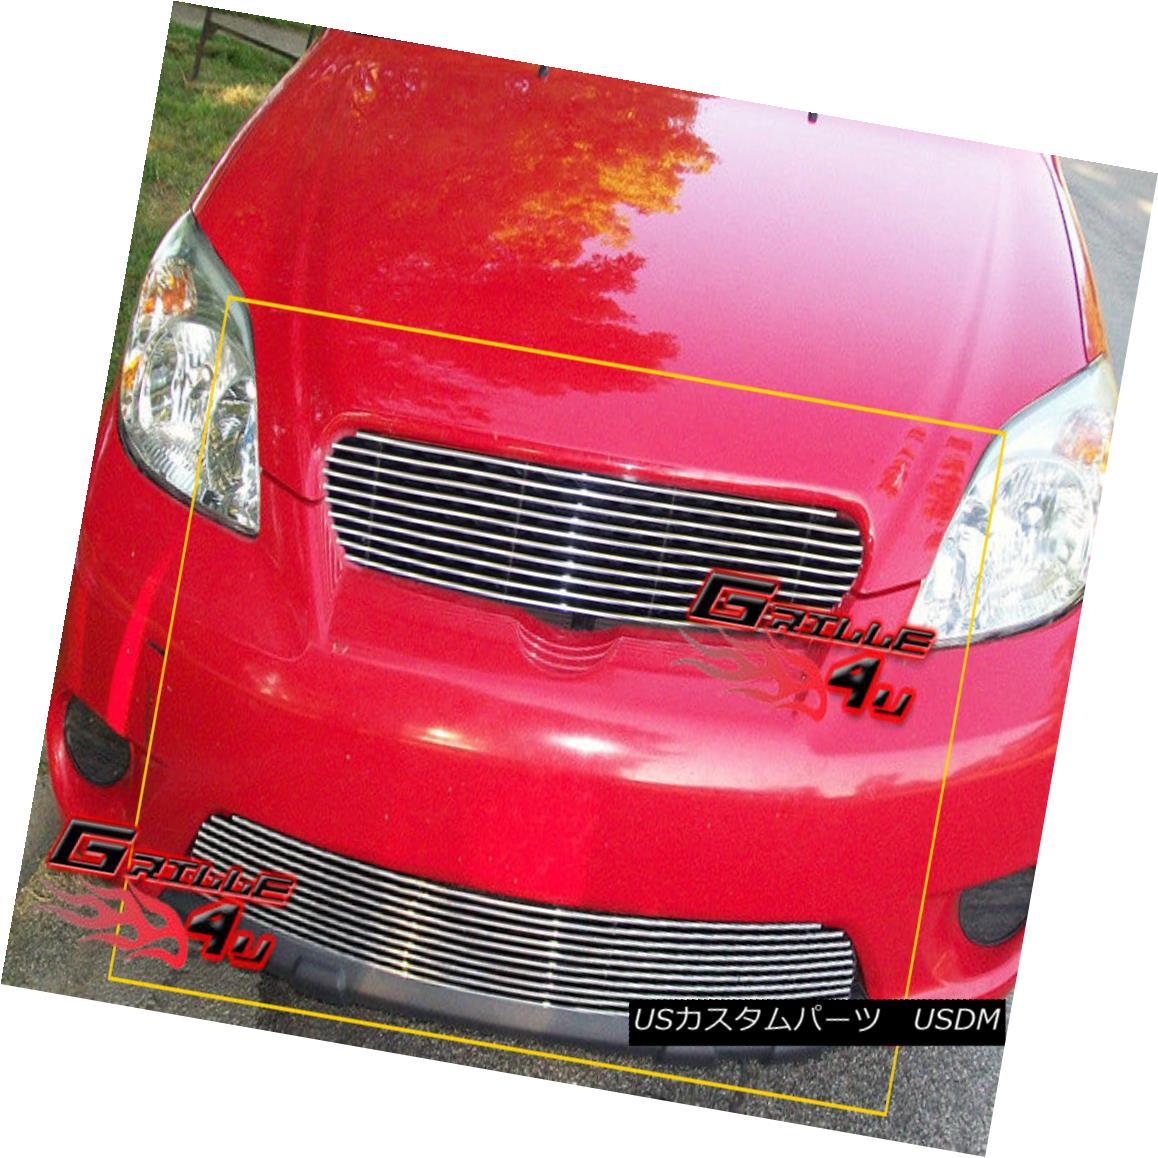 グリル Fits 2003-2008 Toyota Matrix Billet Grille Combo フィット2003-2008トヨタマトリックスビレットグリルコンボ, Annan 100c228b